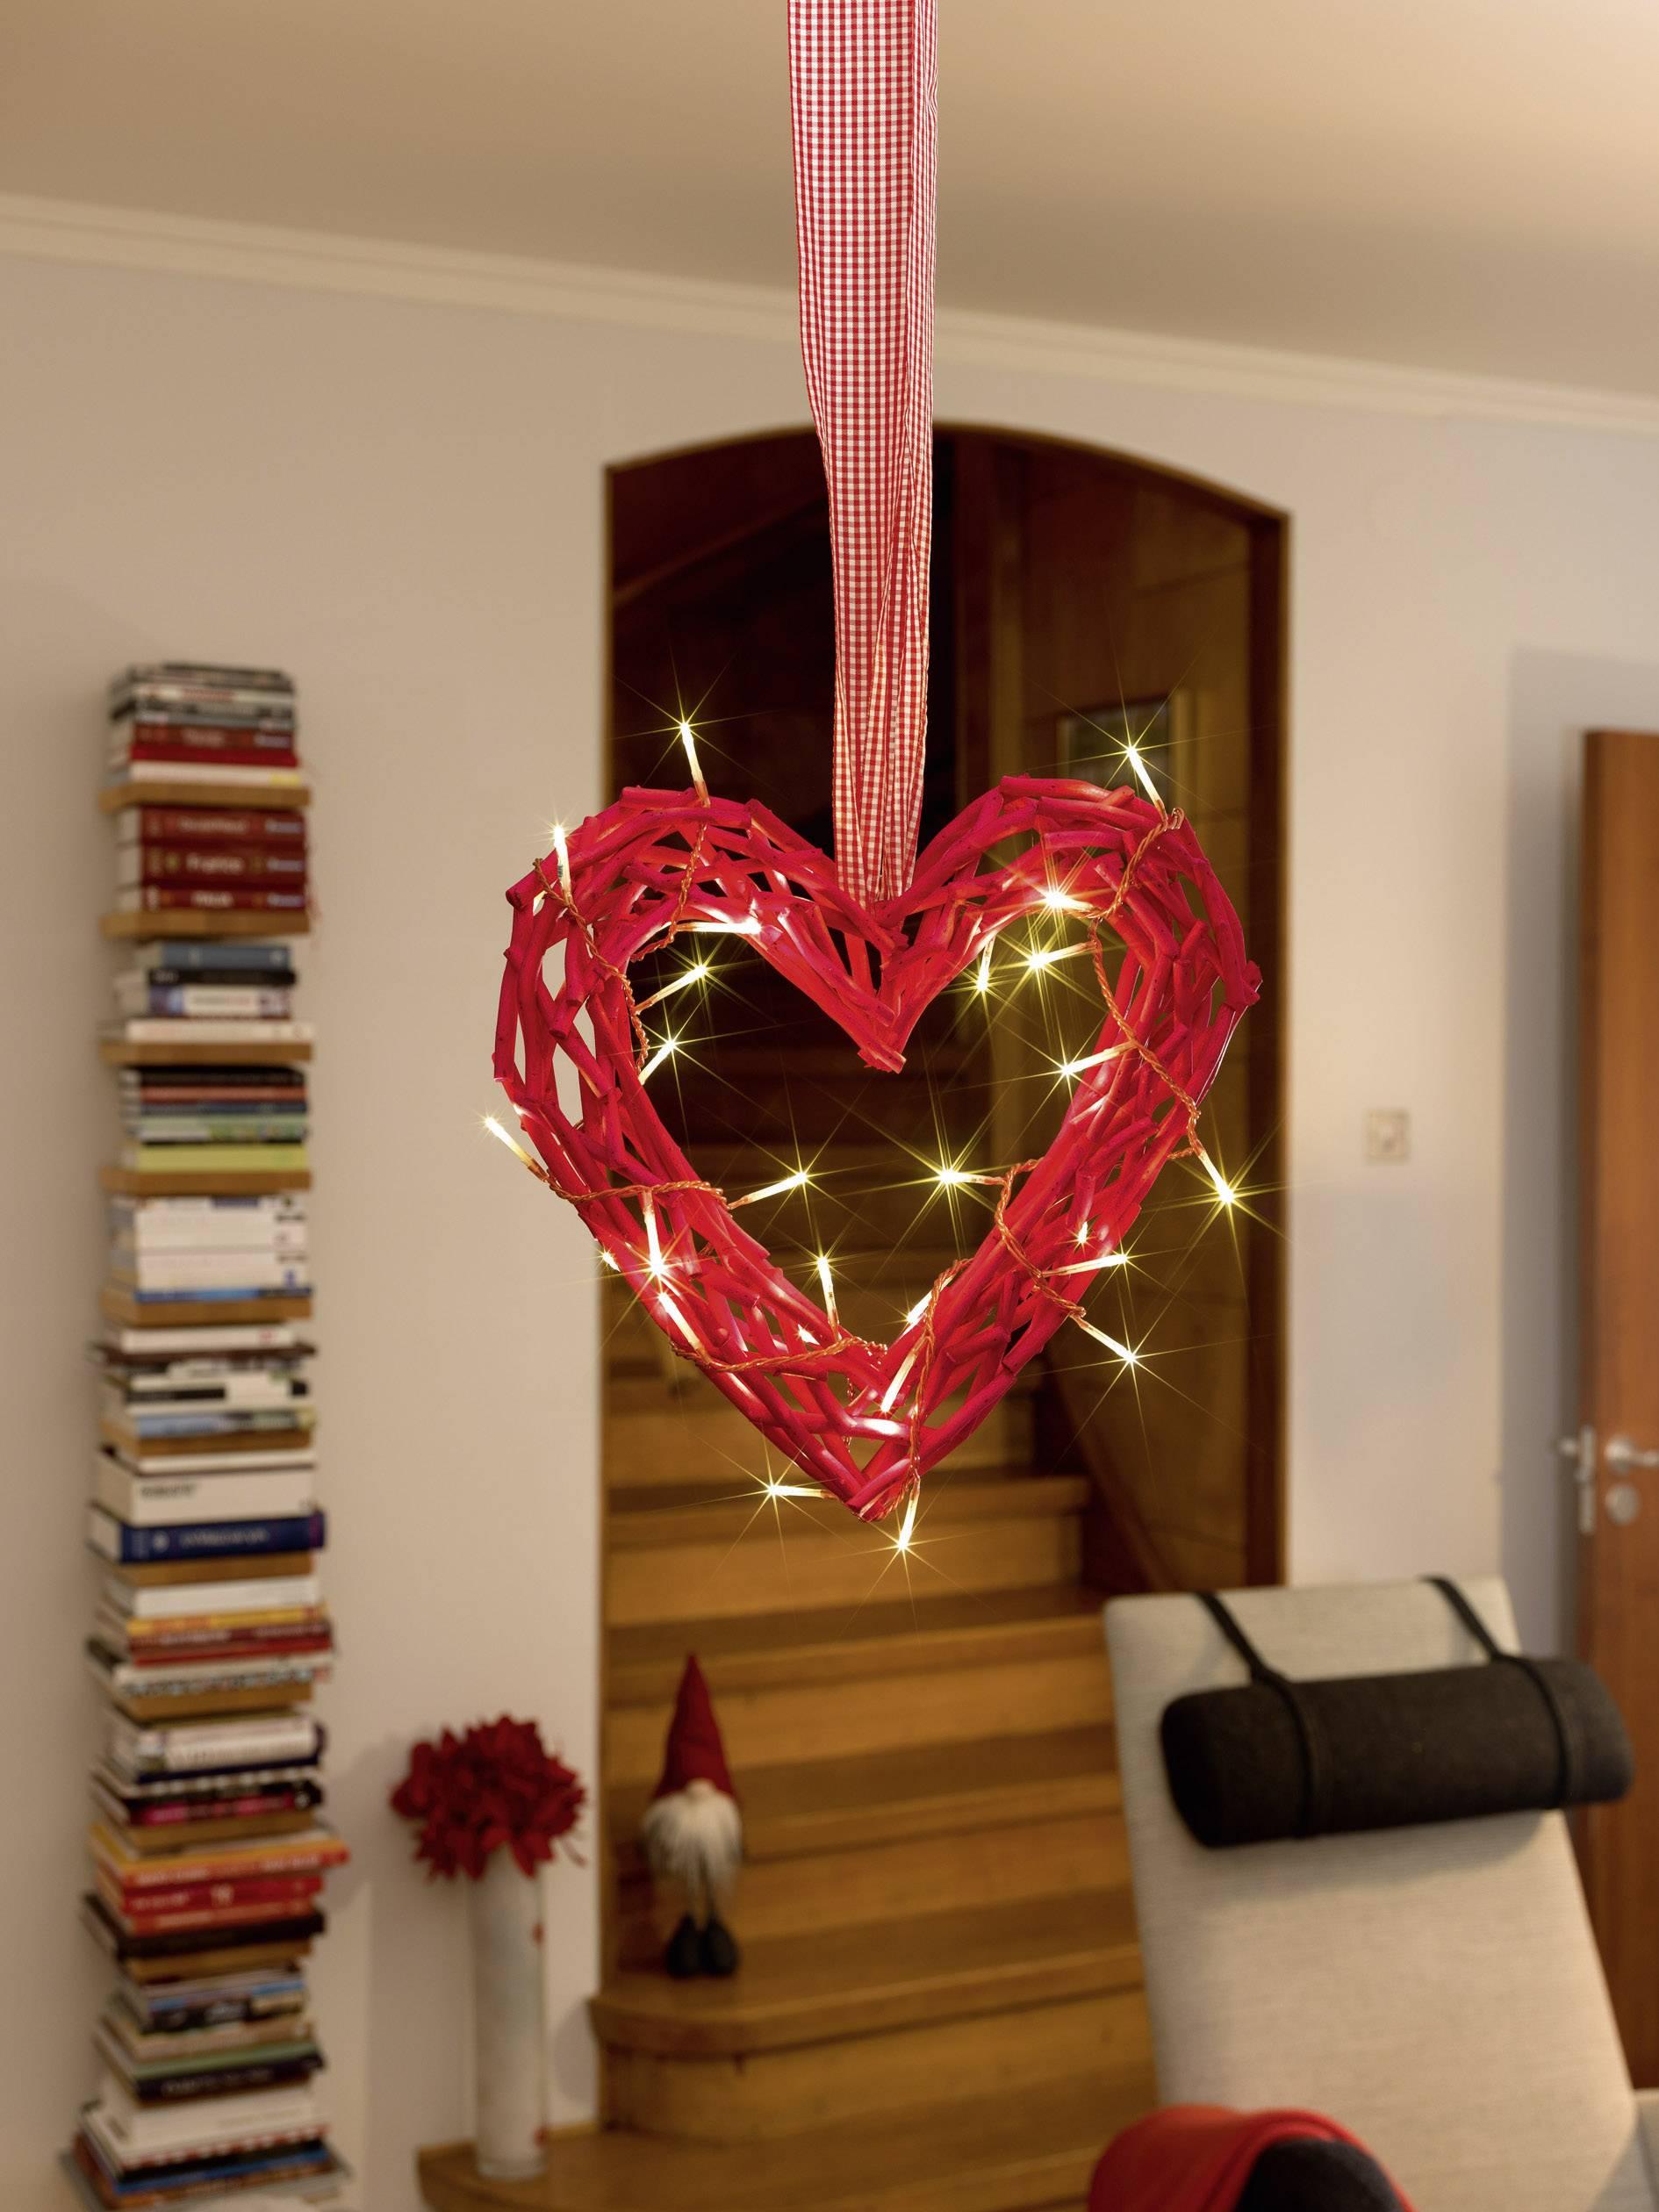 Srdce LED obrázek Konstsmide 6217-550, červená